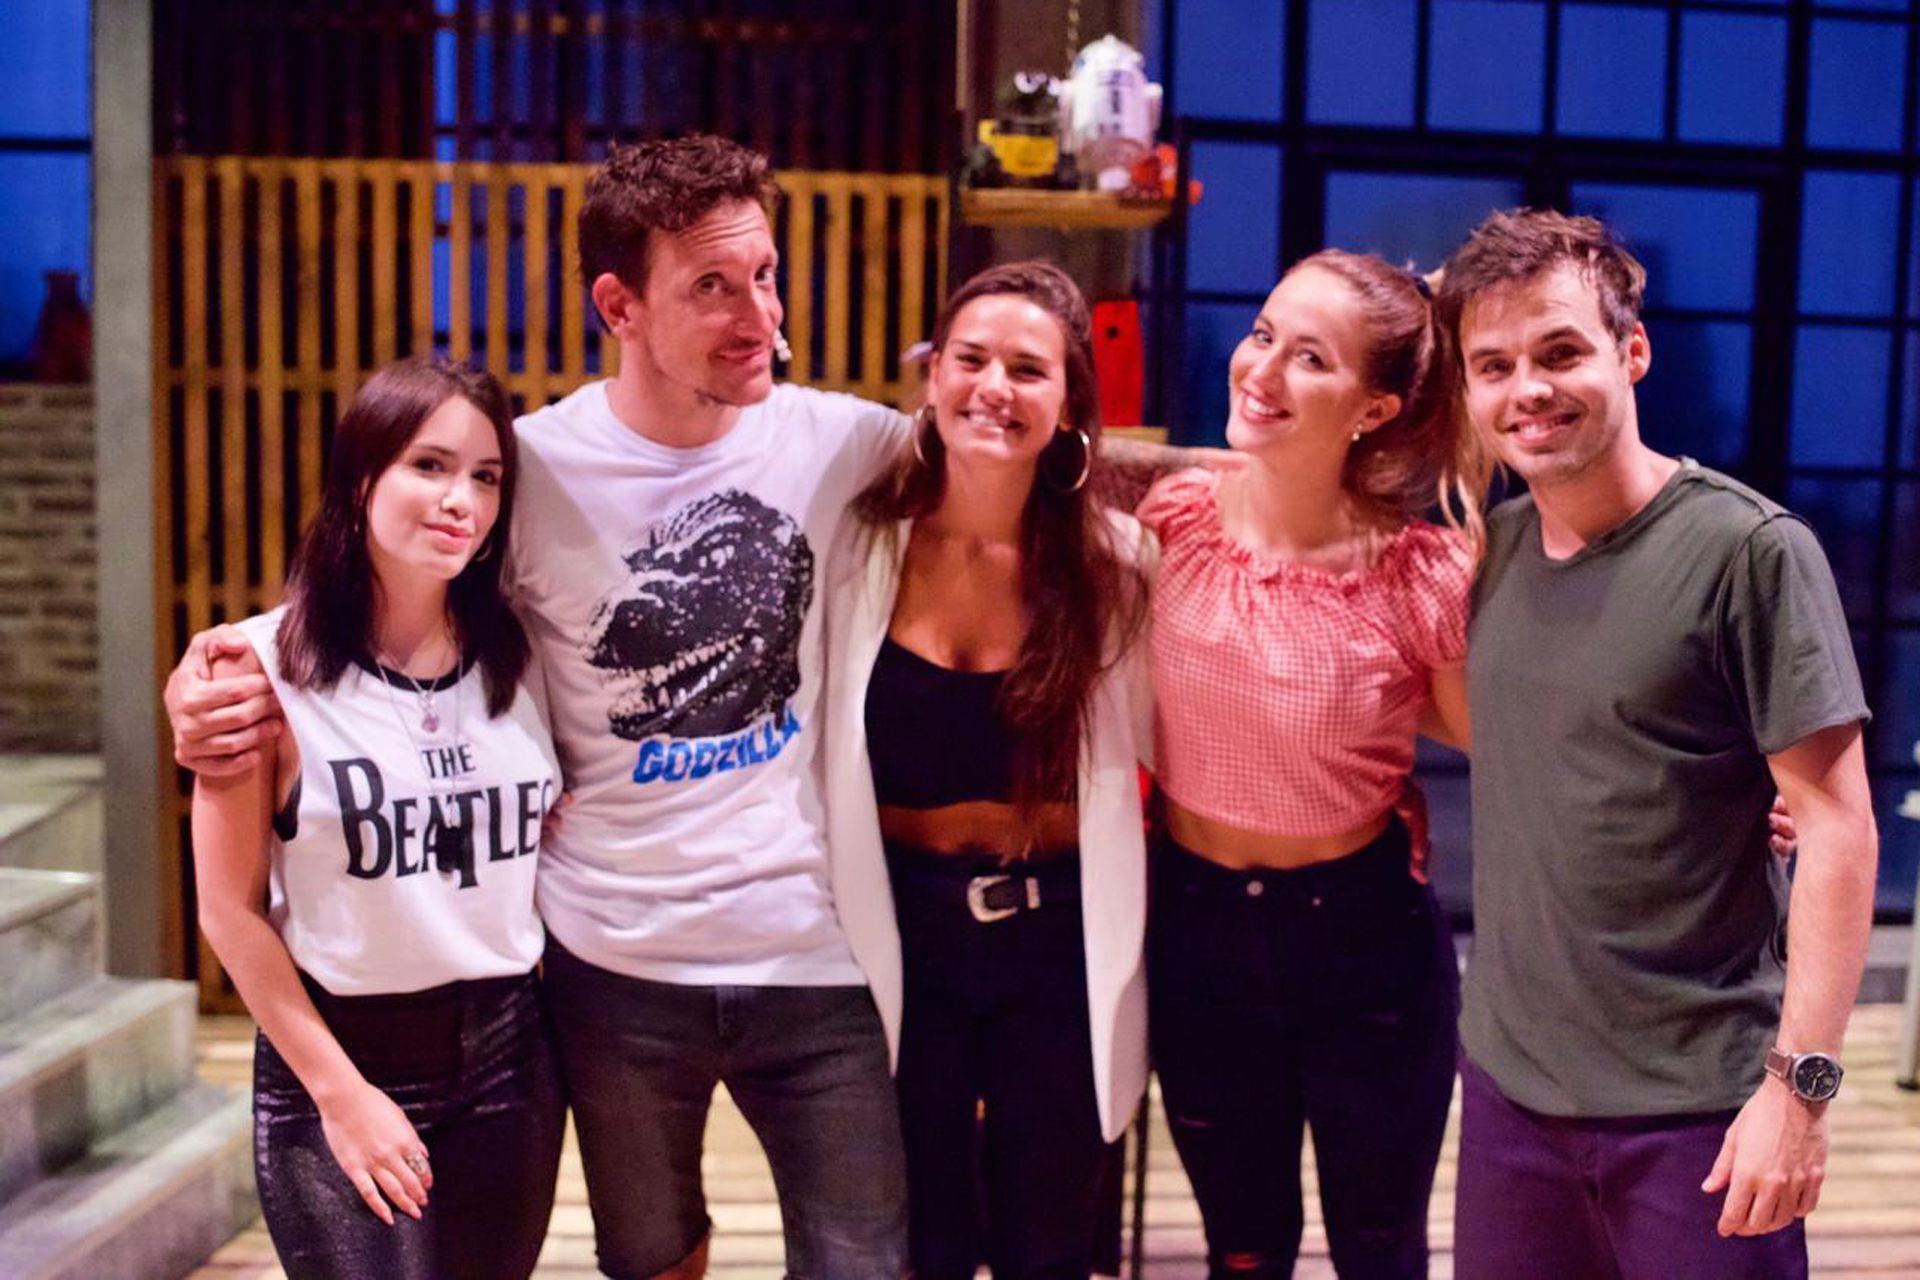 Lali Espósito y Micaela Vázquez fueron al teatro a ver a sus amigos Nicolás Vázquez y Benjamín Rojas, quienes junto a Flor Vigna protagonizan la exitosa Una noche más, en el teatro Nacional